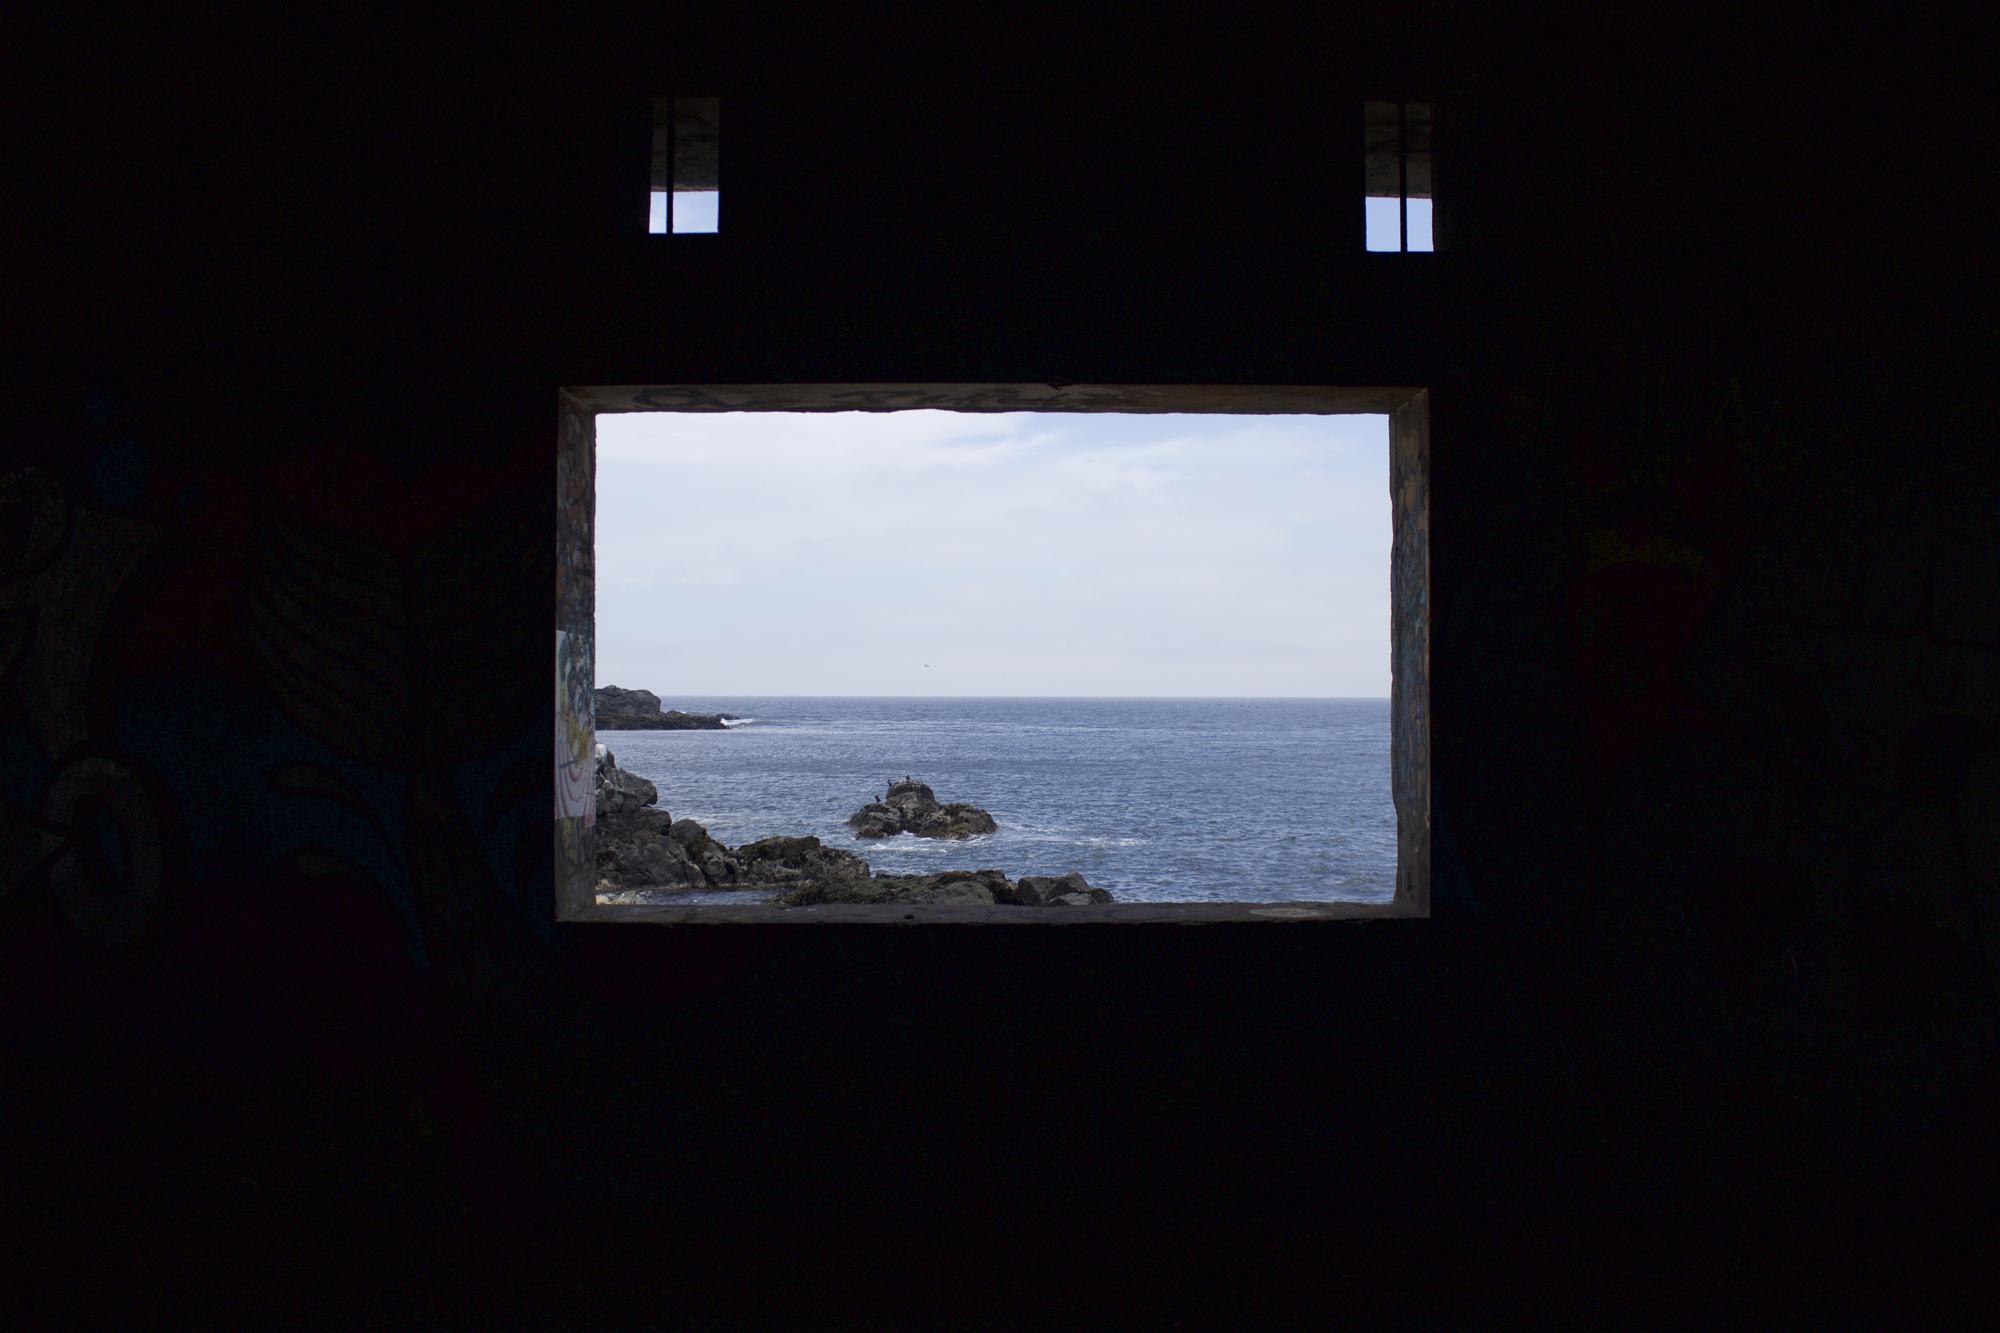 05 Playa Las Torpederas - Sounding the City 004 - Valparaíso 2018